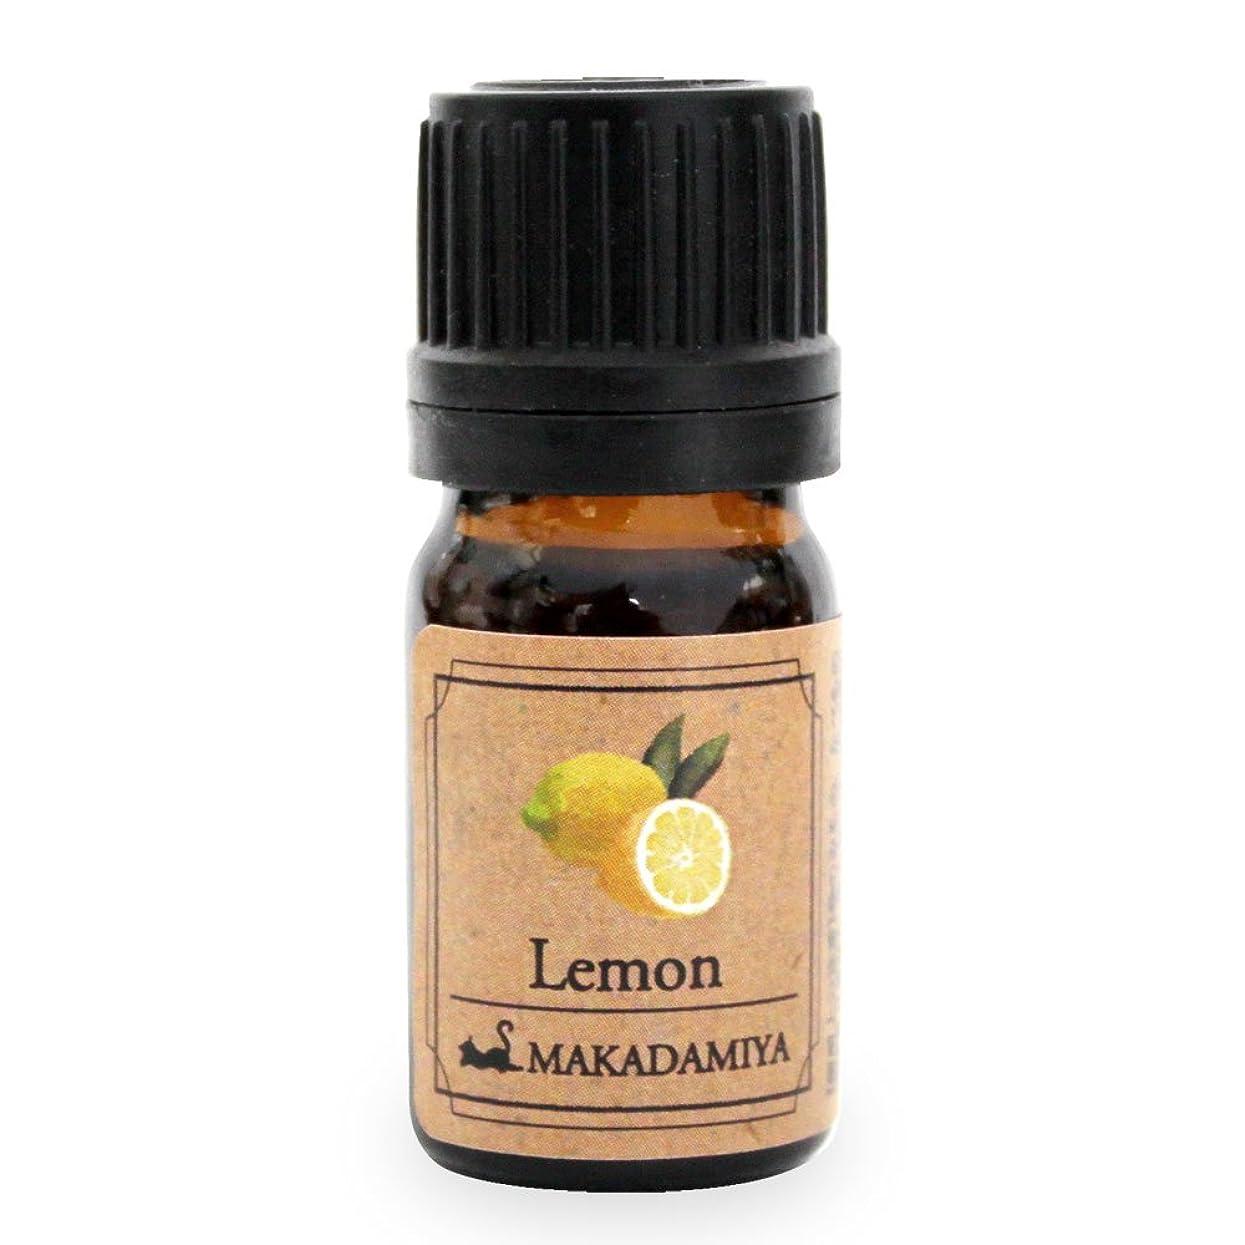 蒸発アクセス懲戒レモン5ml 天然100%植物性 エッセンシャルオイル(精油) アロマオイル アロママッサージ aroma Lemon